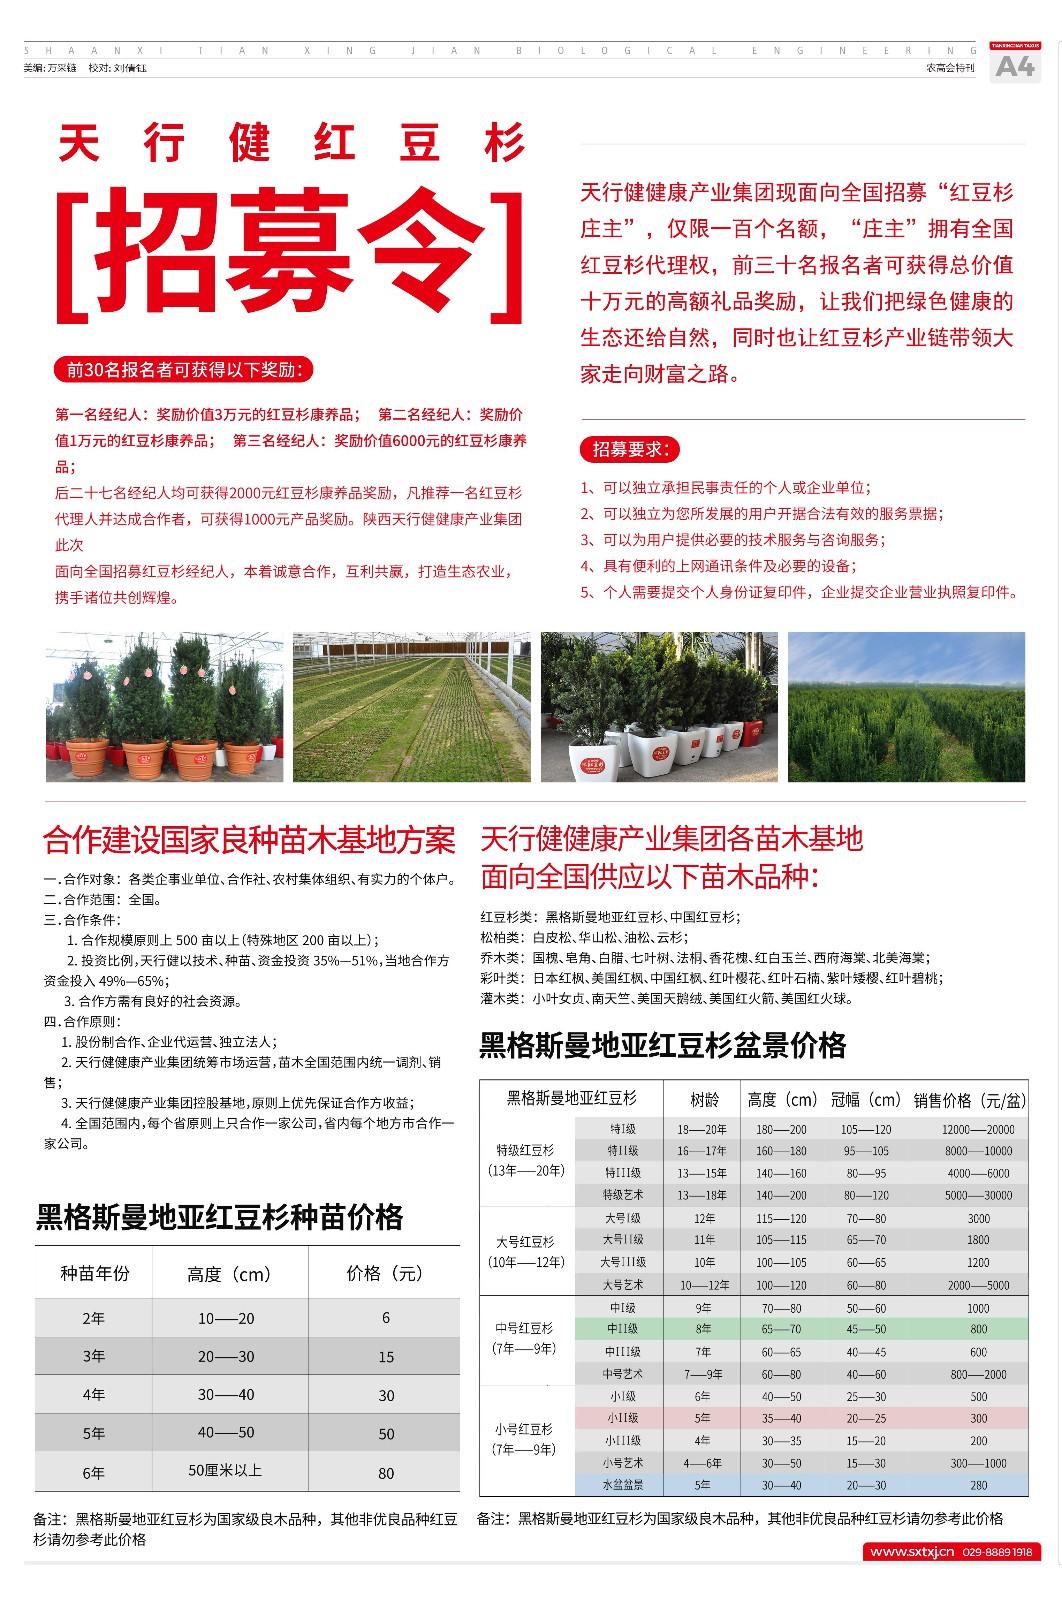 天行健红豆杉2018农高会特刊出版|公司月报-陕西天行健生物工程股份有限公司